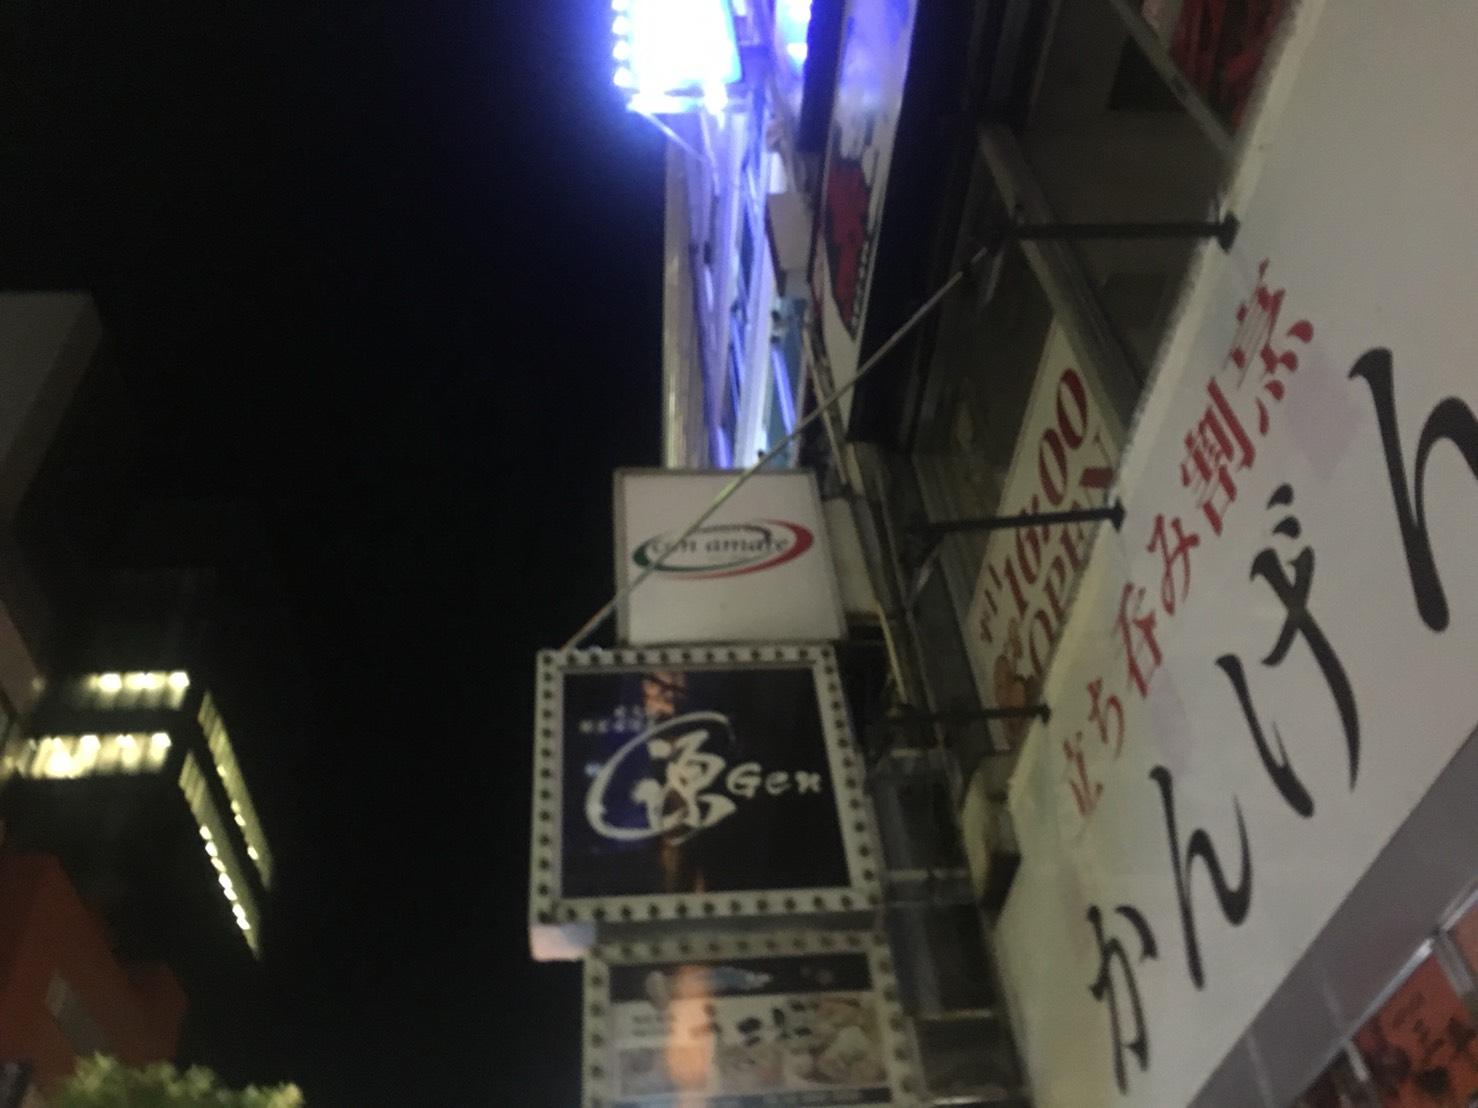 【池袋駅】おっとり系イタリアン「トラットリア・コン・アマーレ」の上の看板